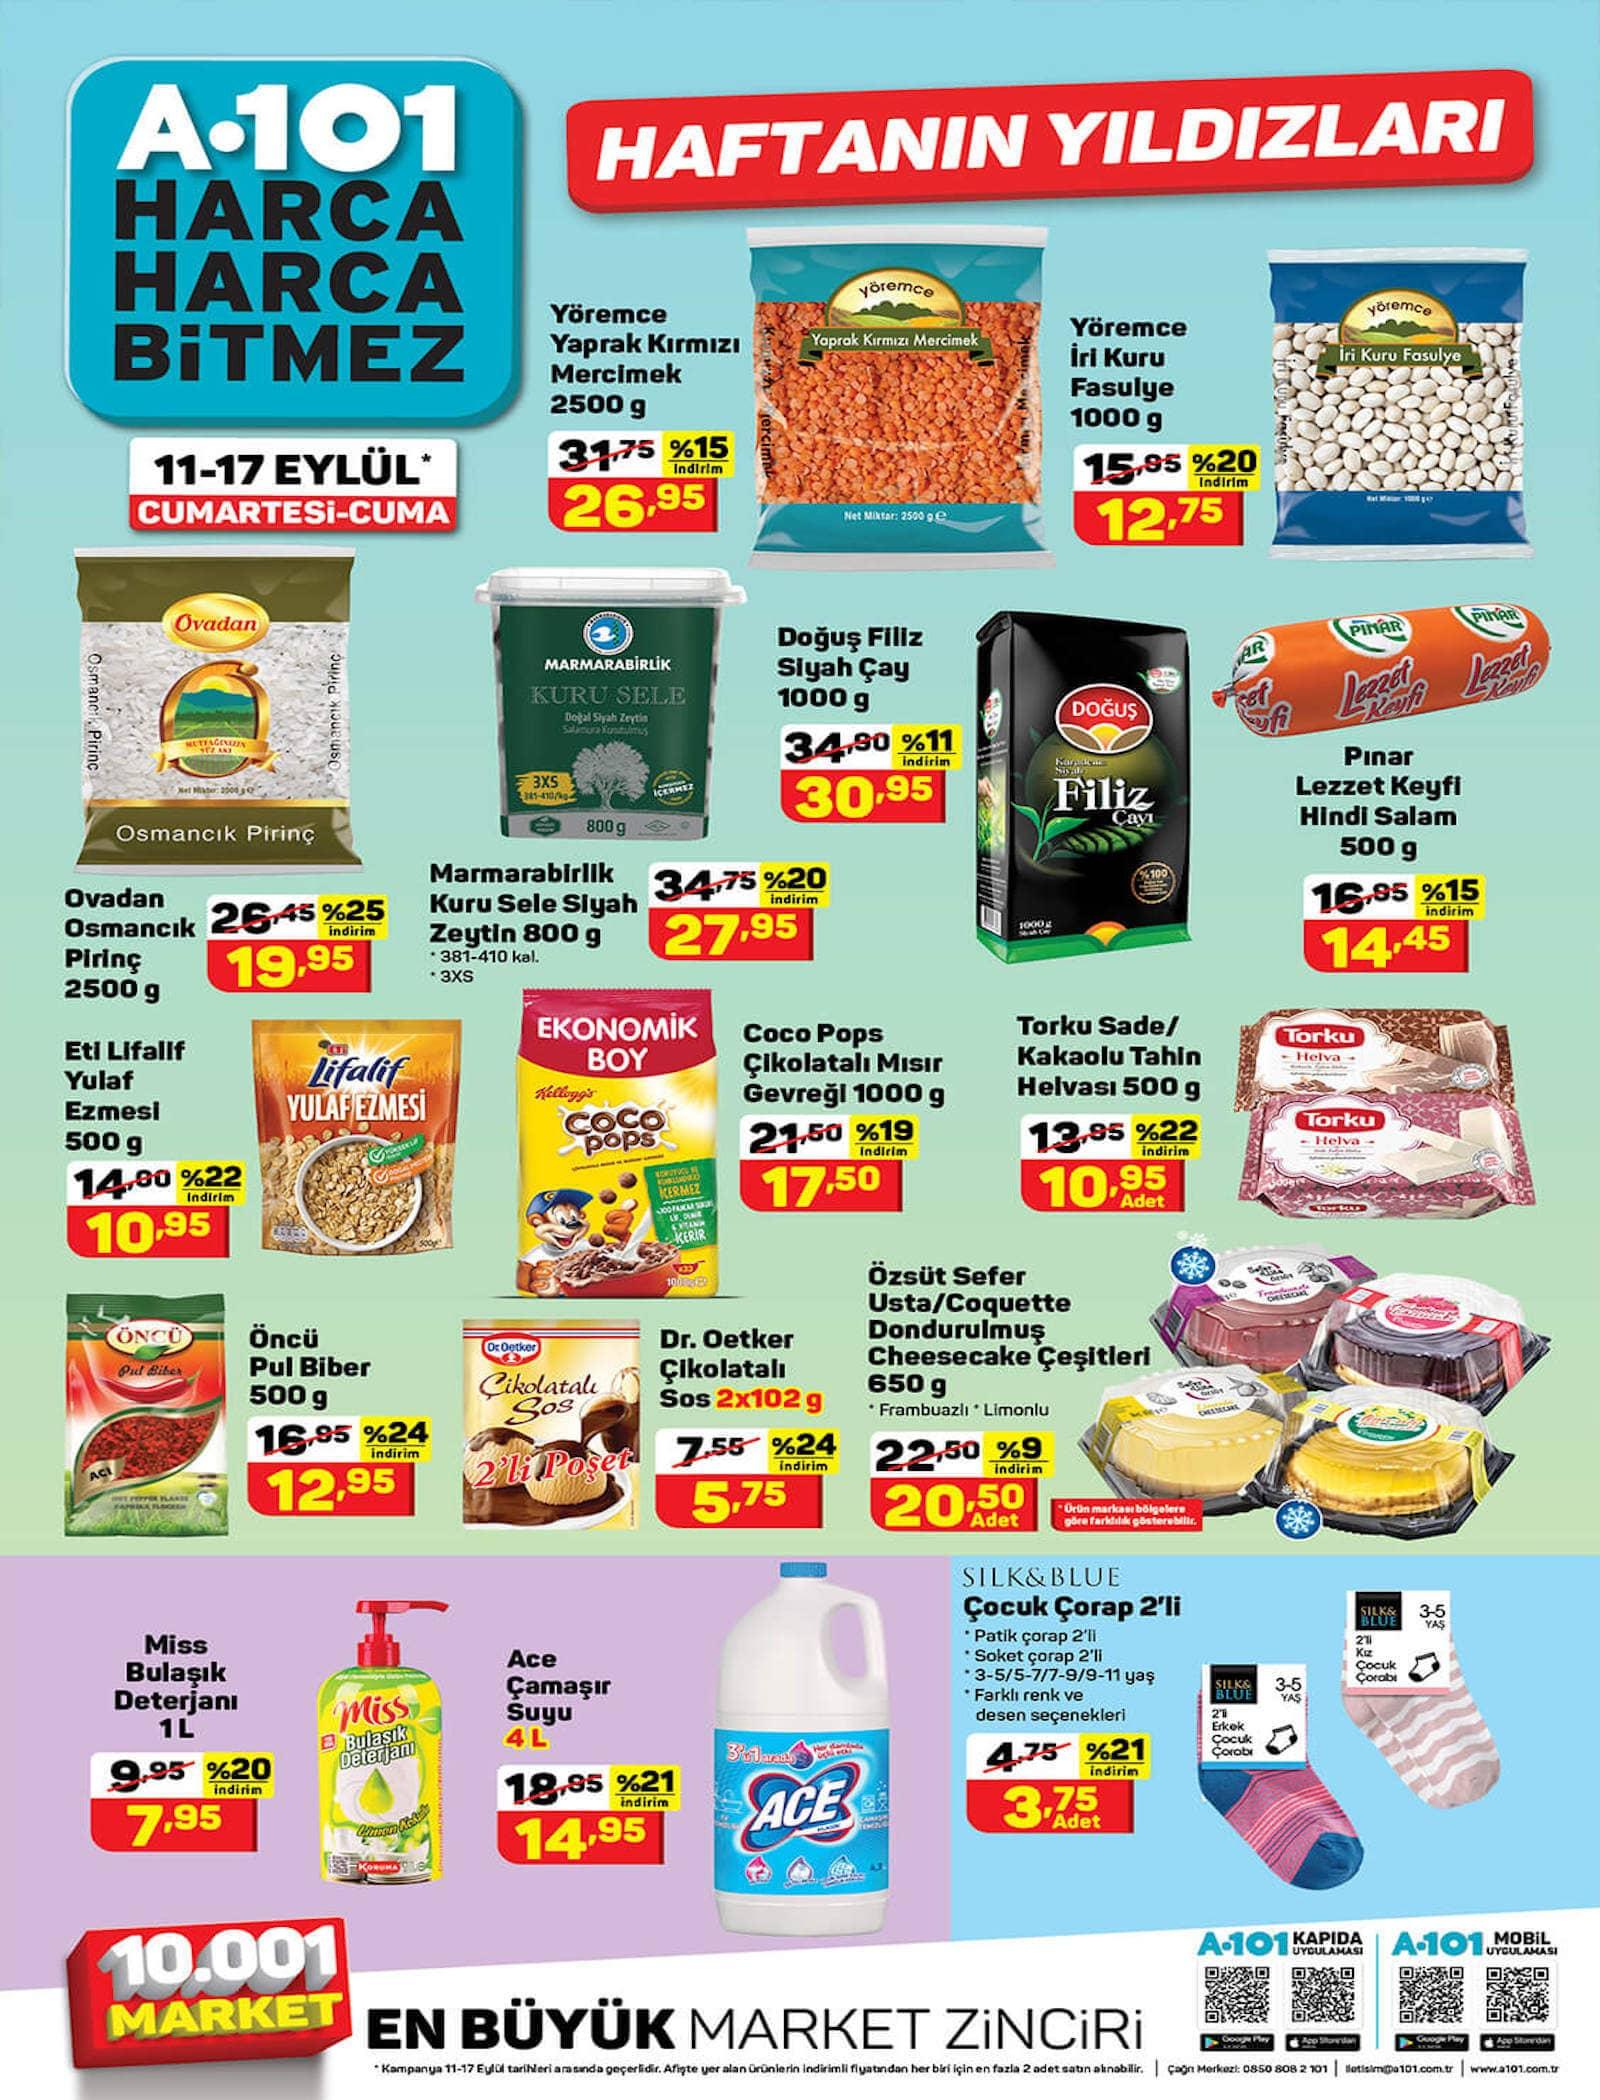 A101 market 11-17 Eylül aktüel ürünler kataloğu yayınlandı